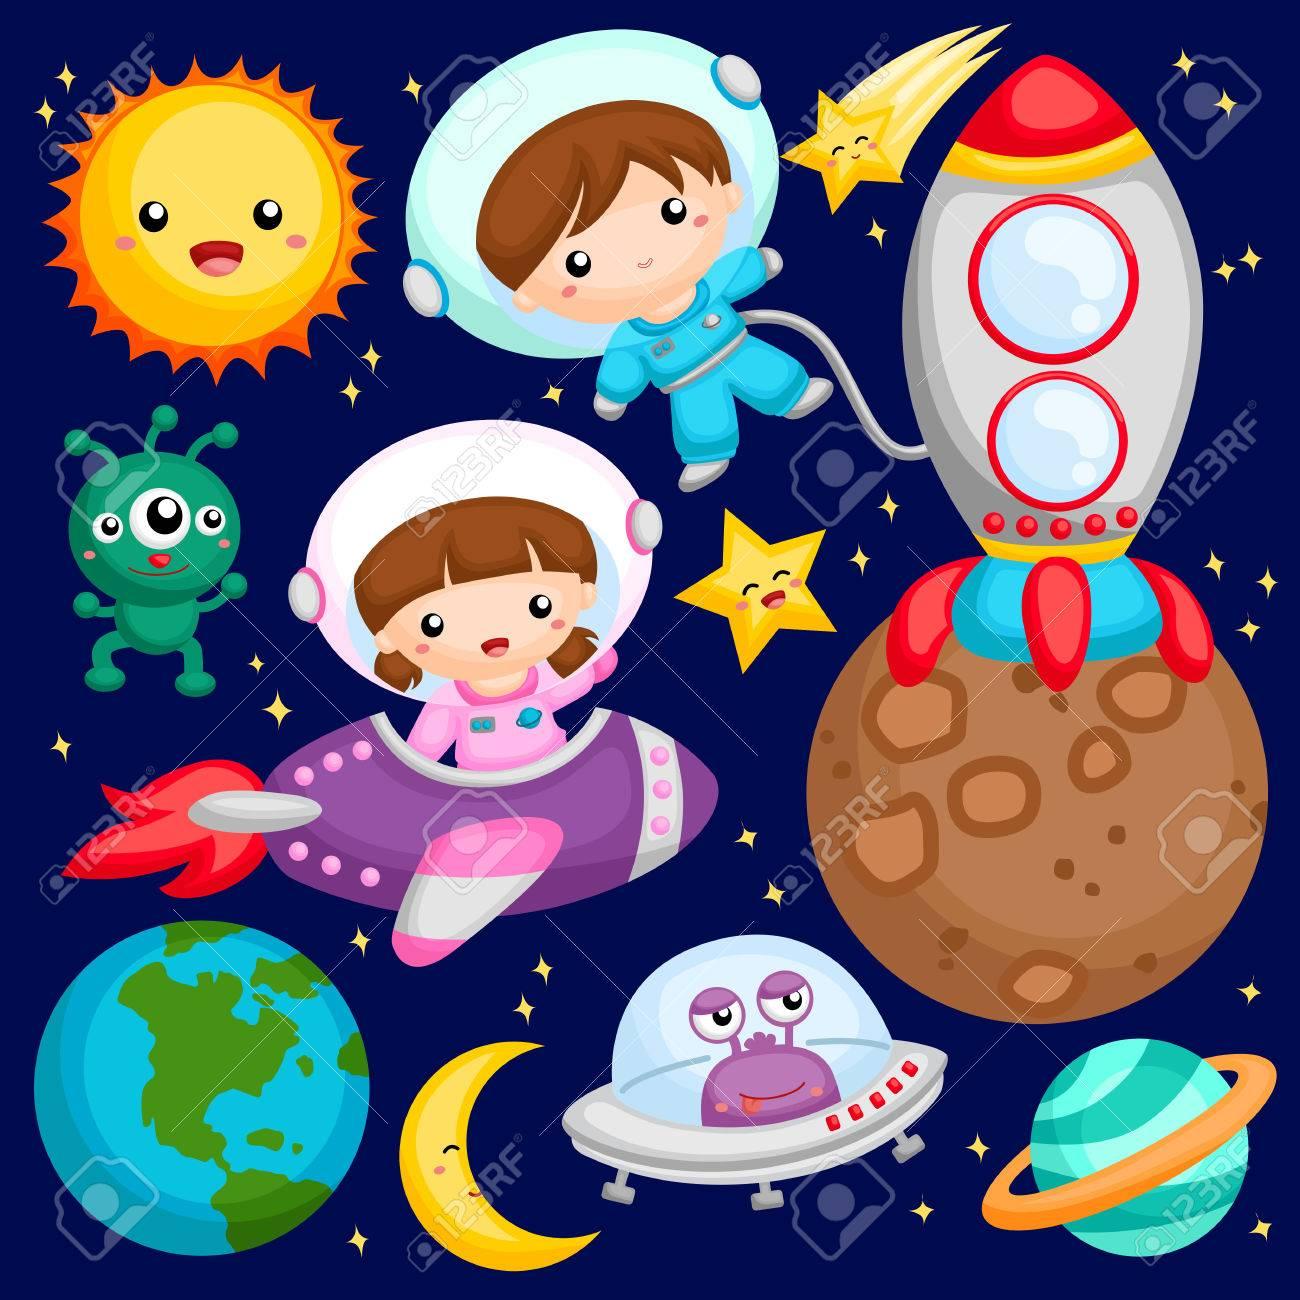 Niños En El Espacio Exterior Ilustraciones Vectoriales Clip Art Vectorizado Libre De Derechos Image 53926636